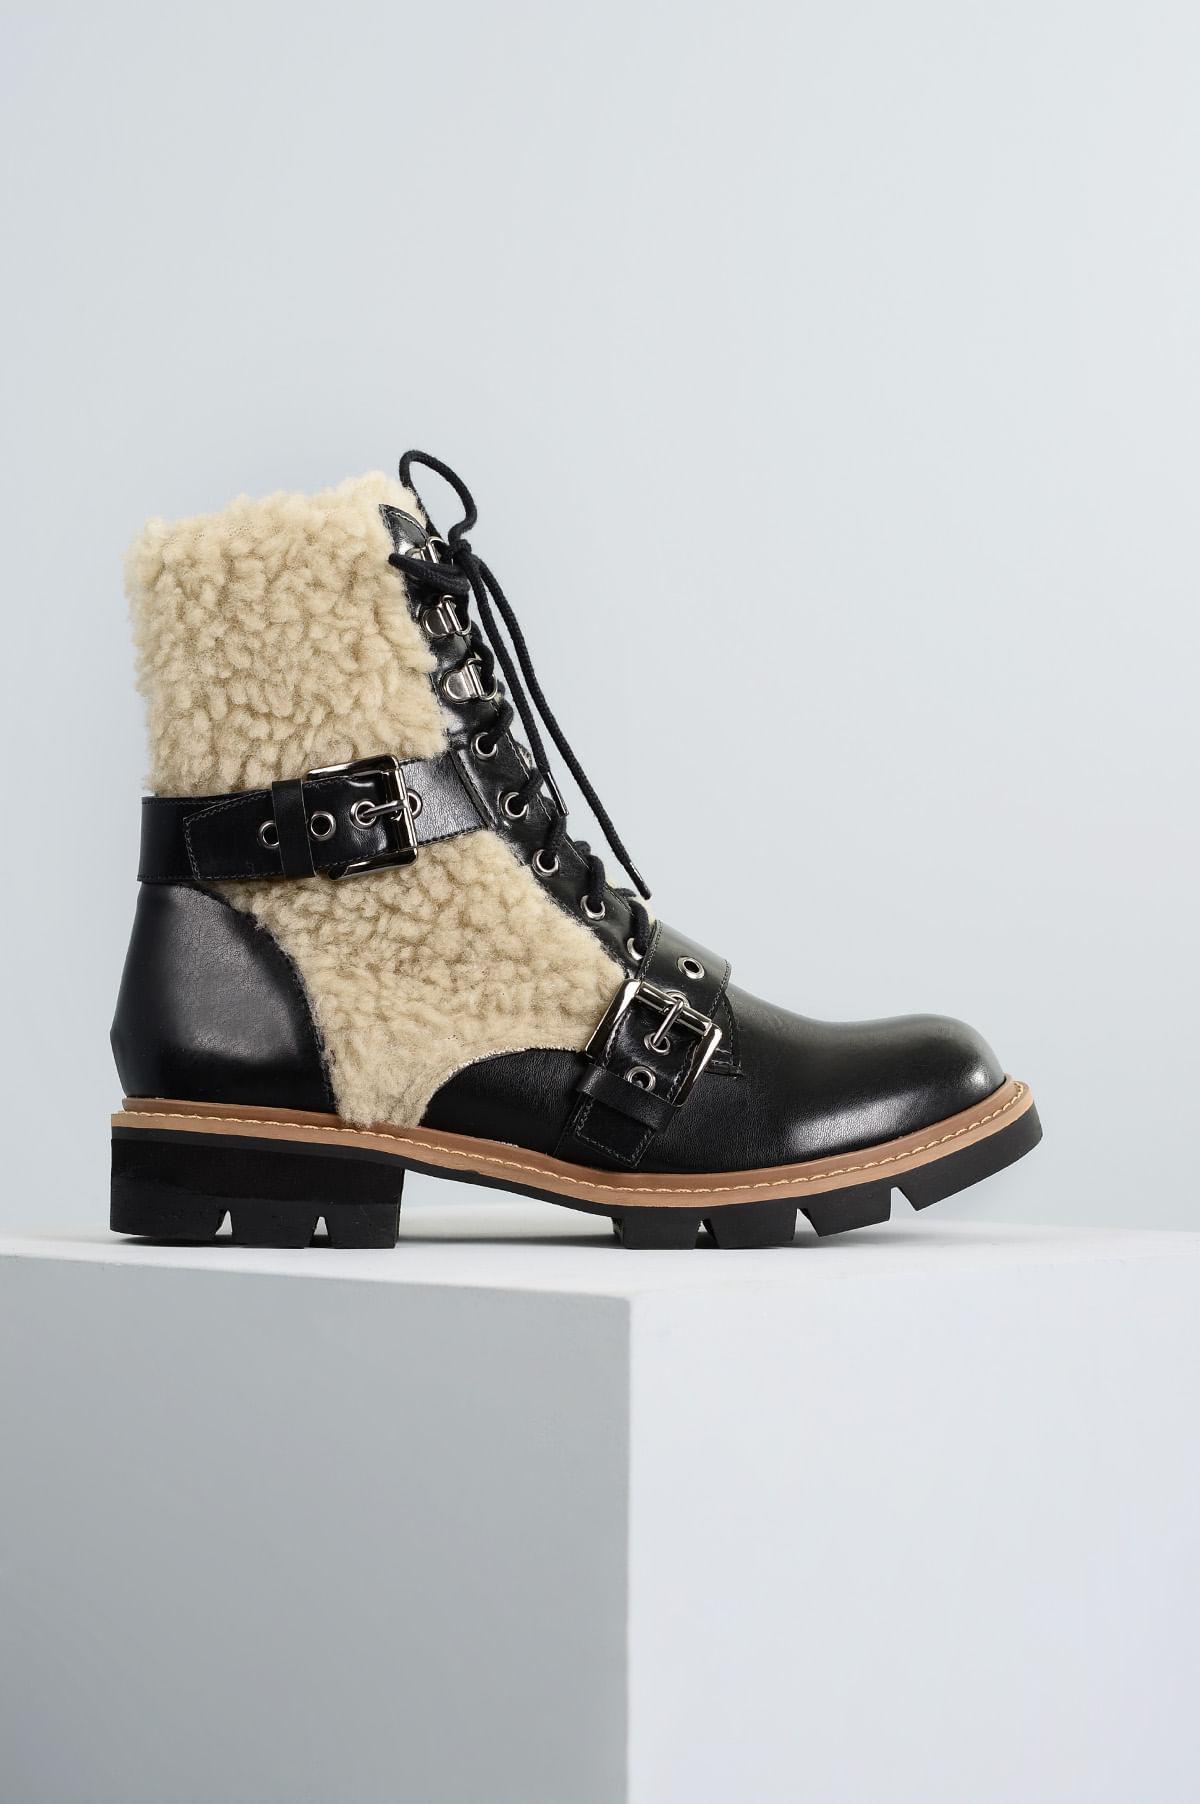 f76ddeddaa Bota Coturno Courtney Mundial SINT - PRETO - Mundial Calçados